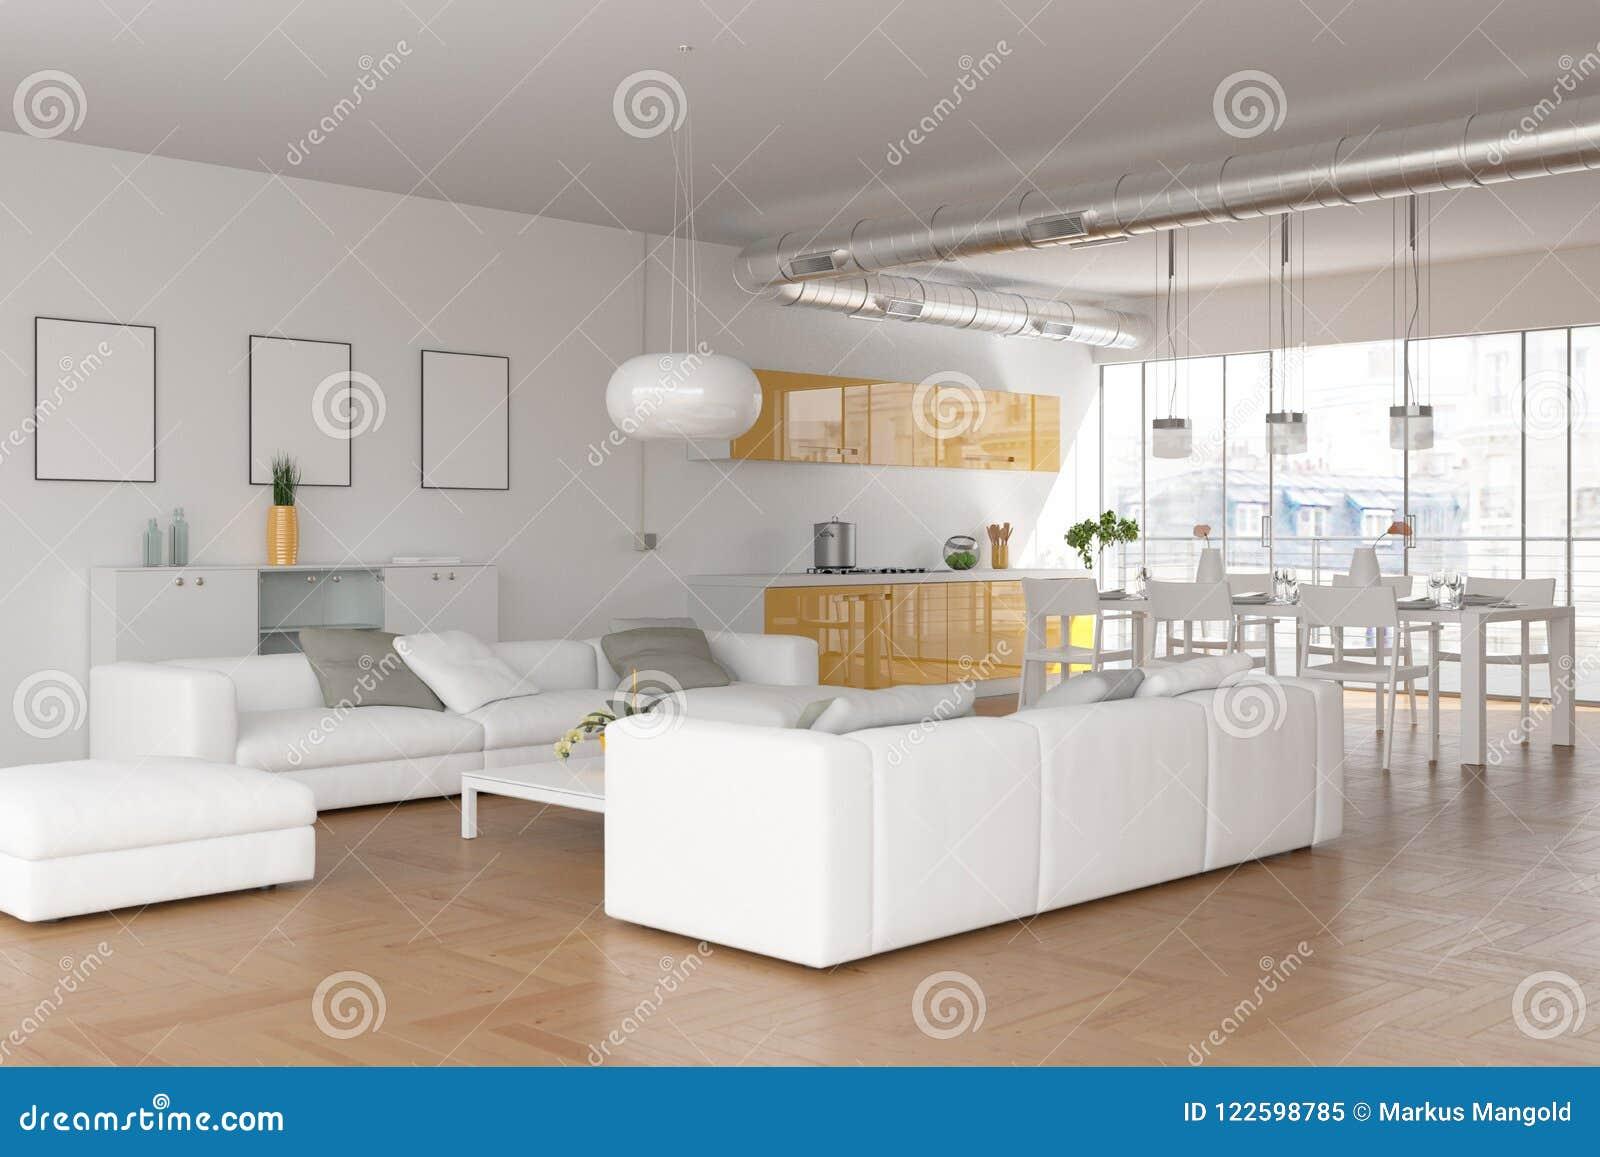 Modernes helles skandinavian Innenarchitekturwohnzimmer